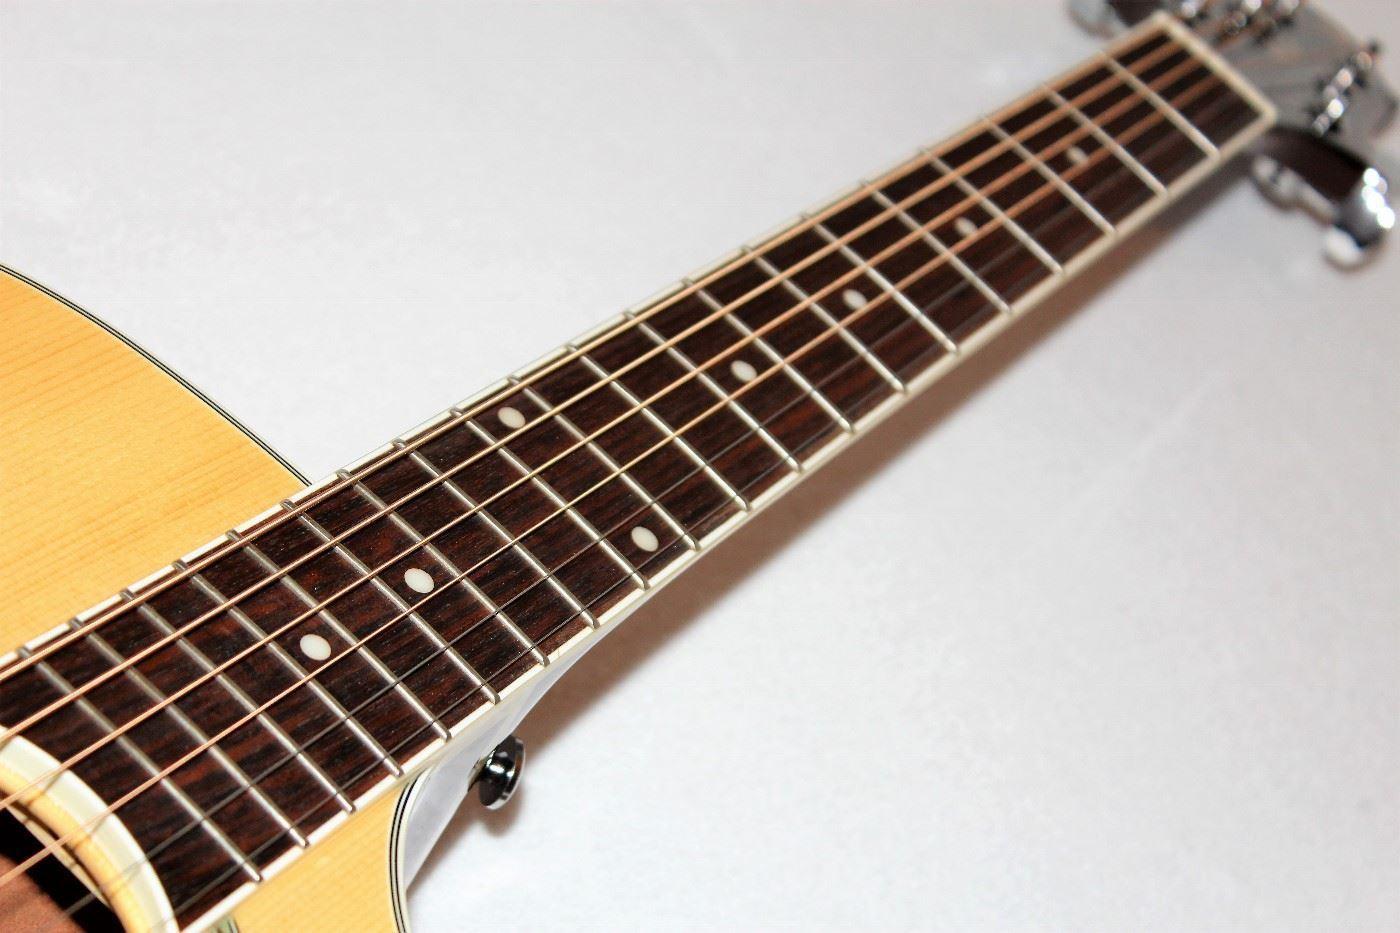 Cách phân biệt đàn Guitar Samick hàng thật và hàng nhái